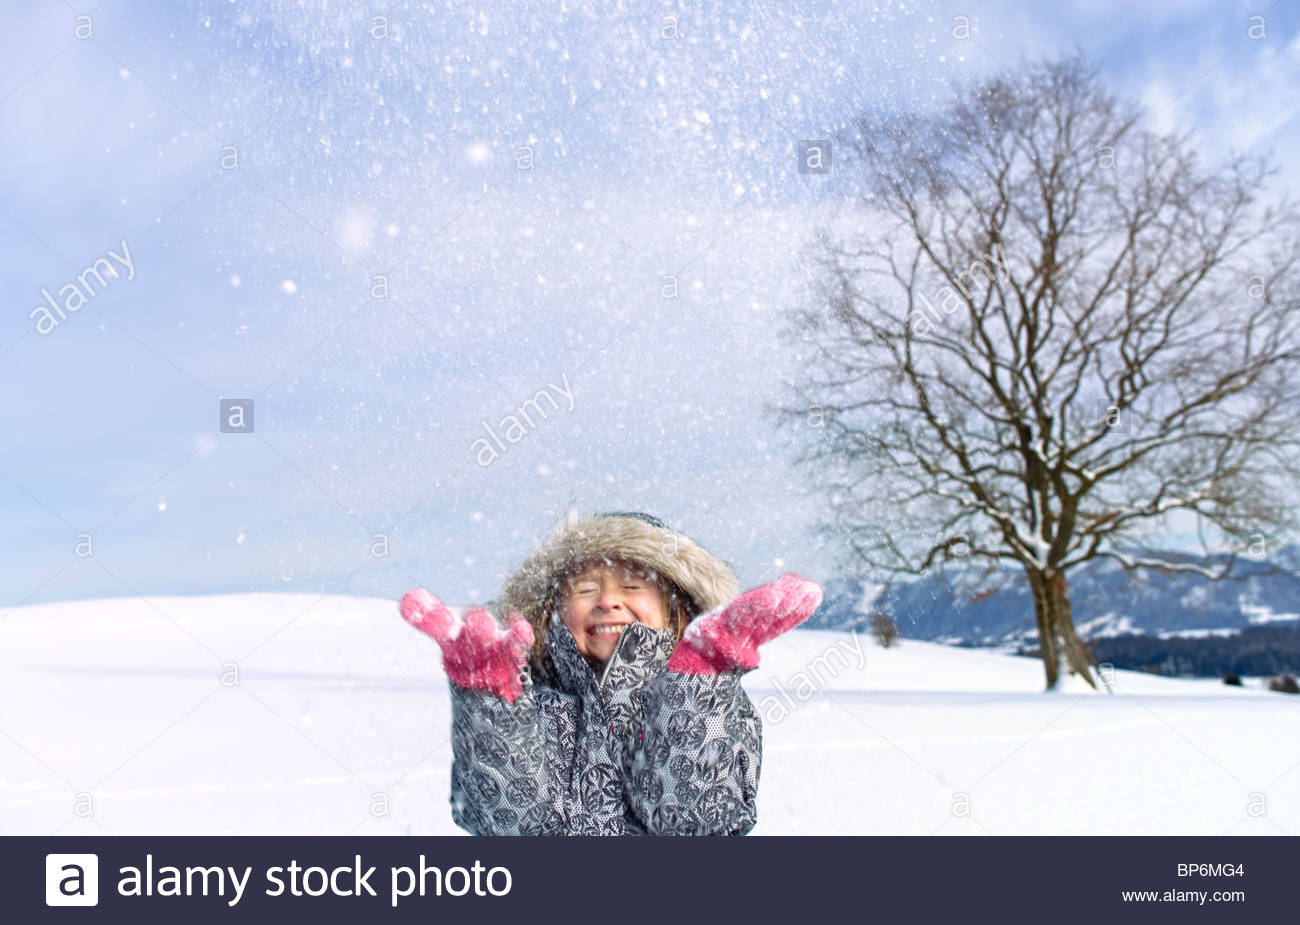 Fröhliches junges Mädchen wirft Schnee in der Luft Stockbild